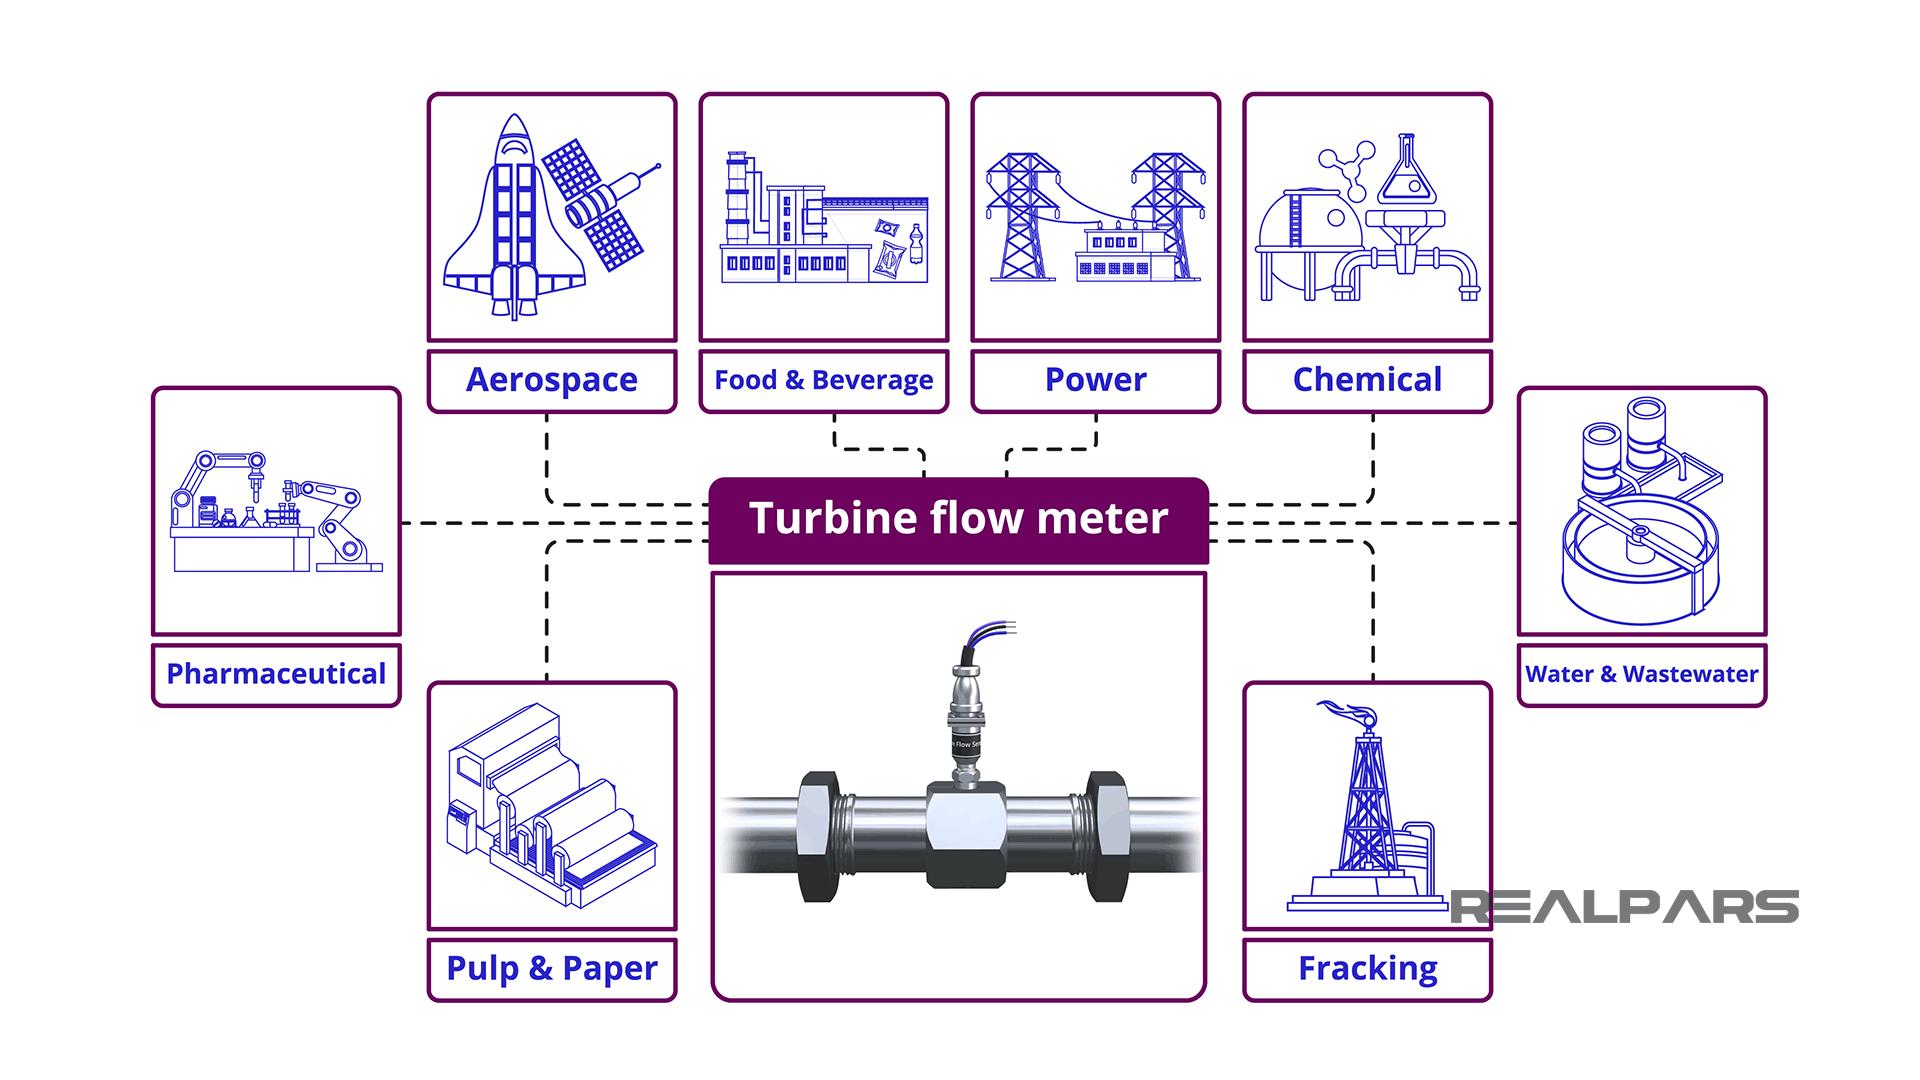 Turbine Flow Meters are used in What industries